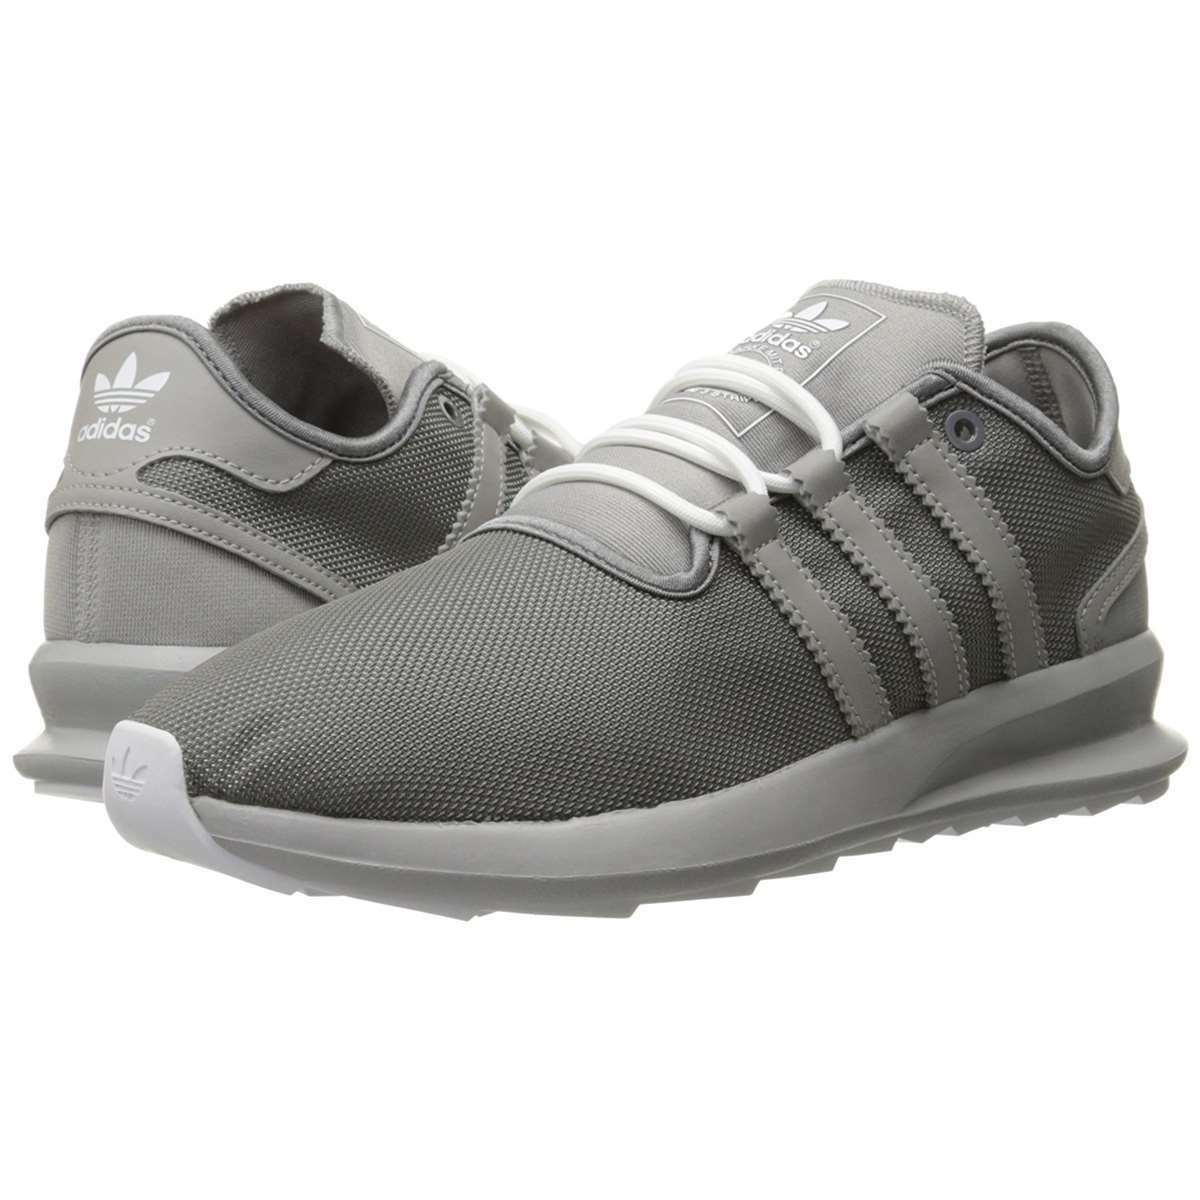 Mens ADIDAS Originals SL Rise Grey shoes F37658 Sneakers NEW